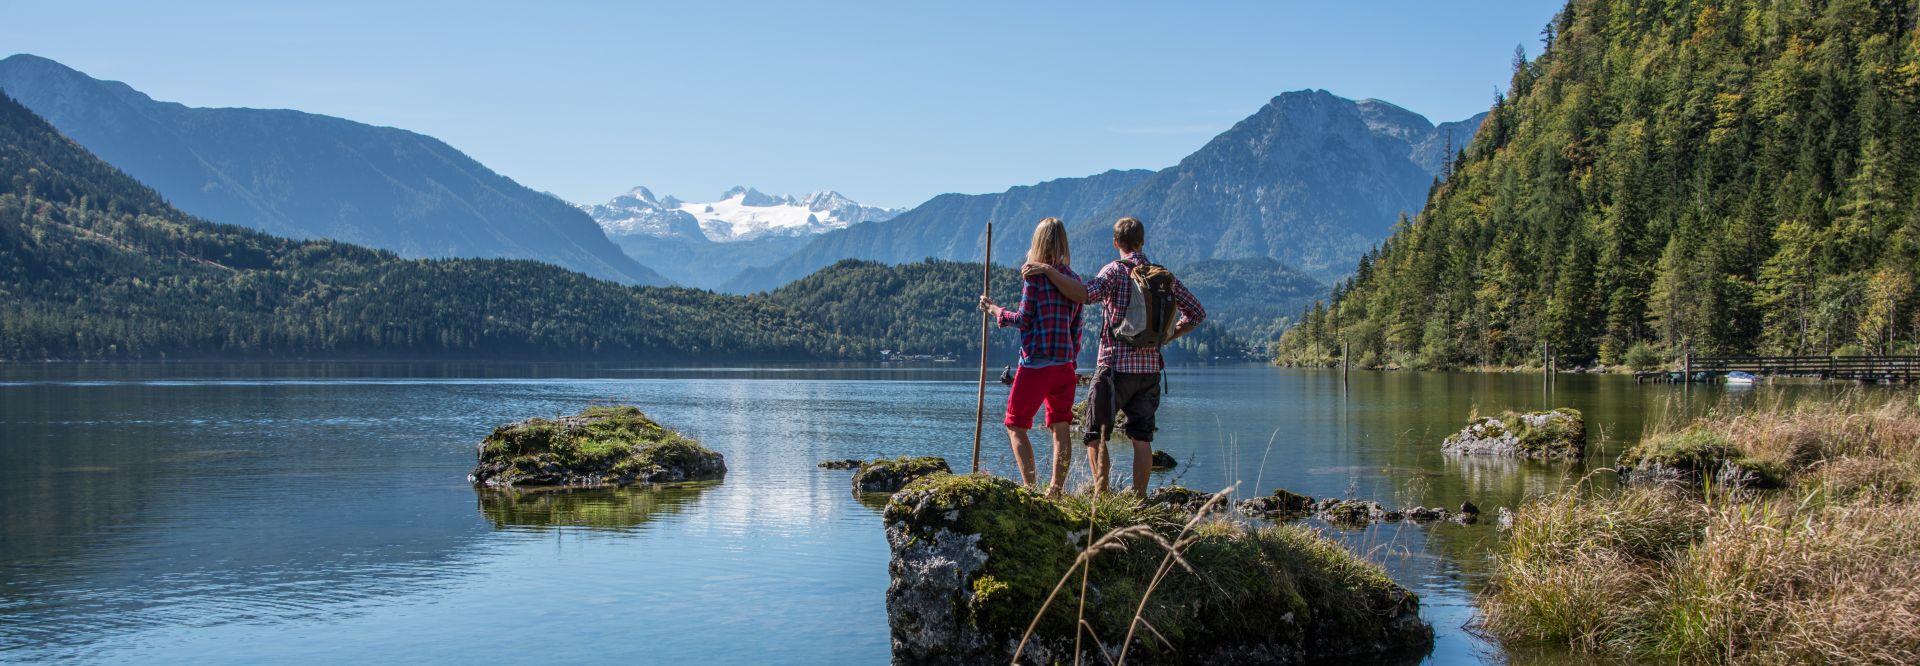 Wandern am Altausseersee beim Alpenhotel Dachstein von den Ruperti Hotels